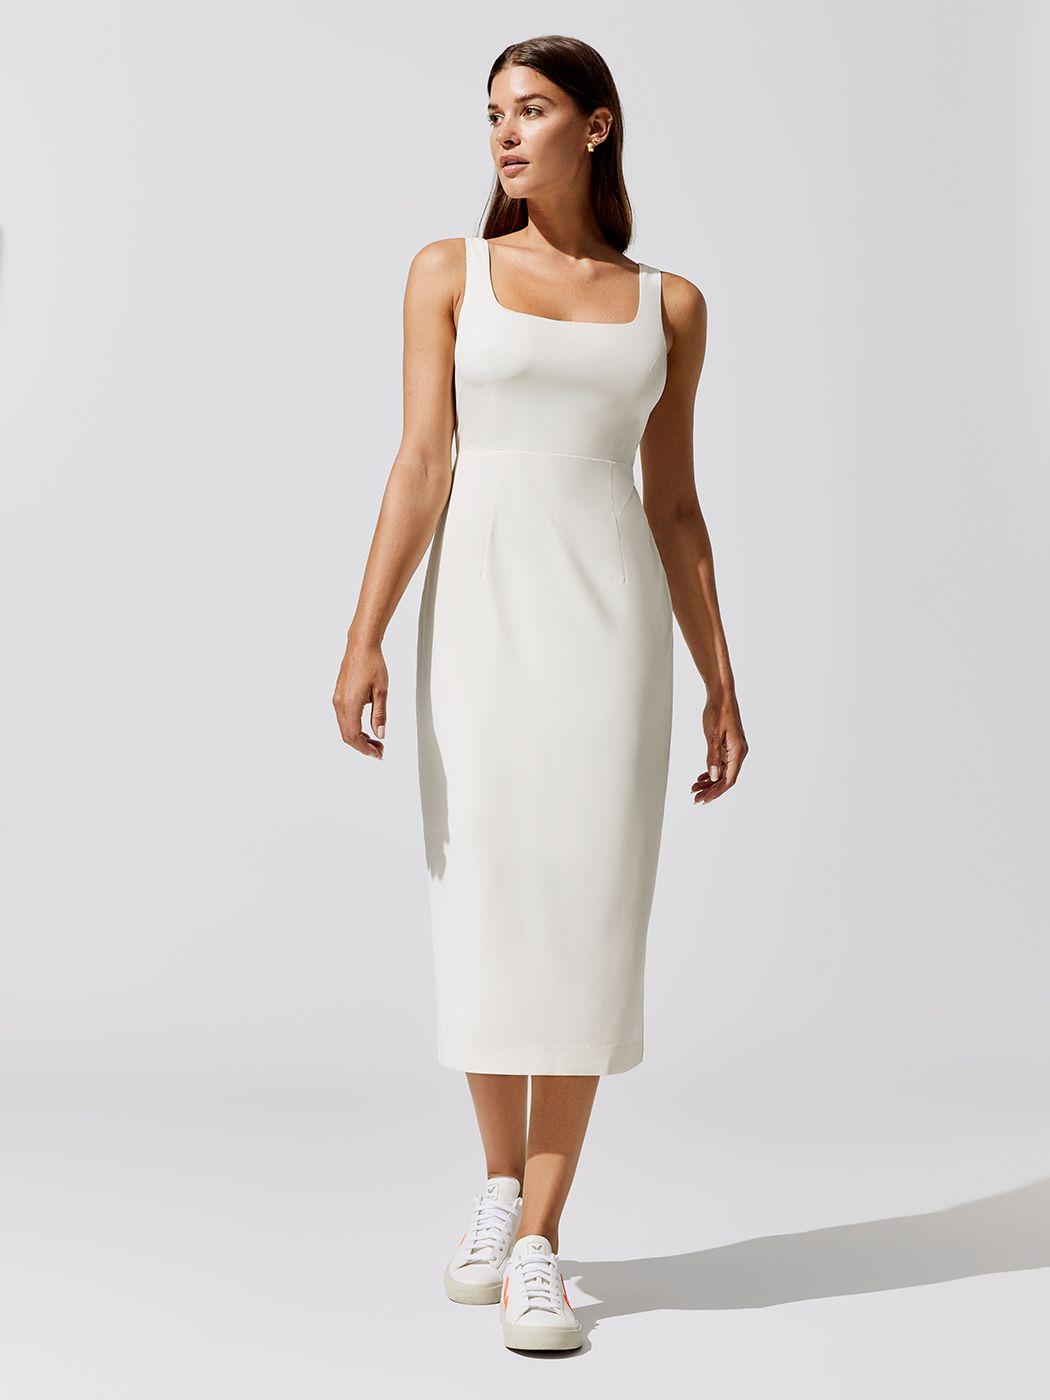 Square Neck Dress Square Neck Dress Dresses Midi Dress [ 1400 x 1050 Pixel ]